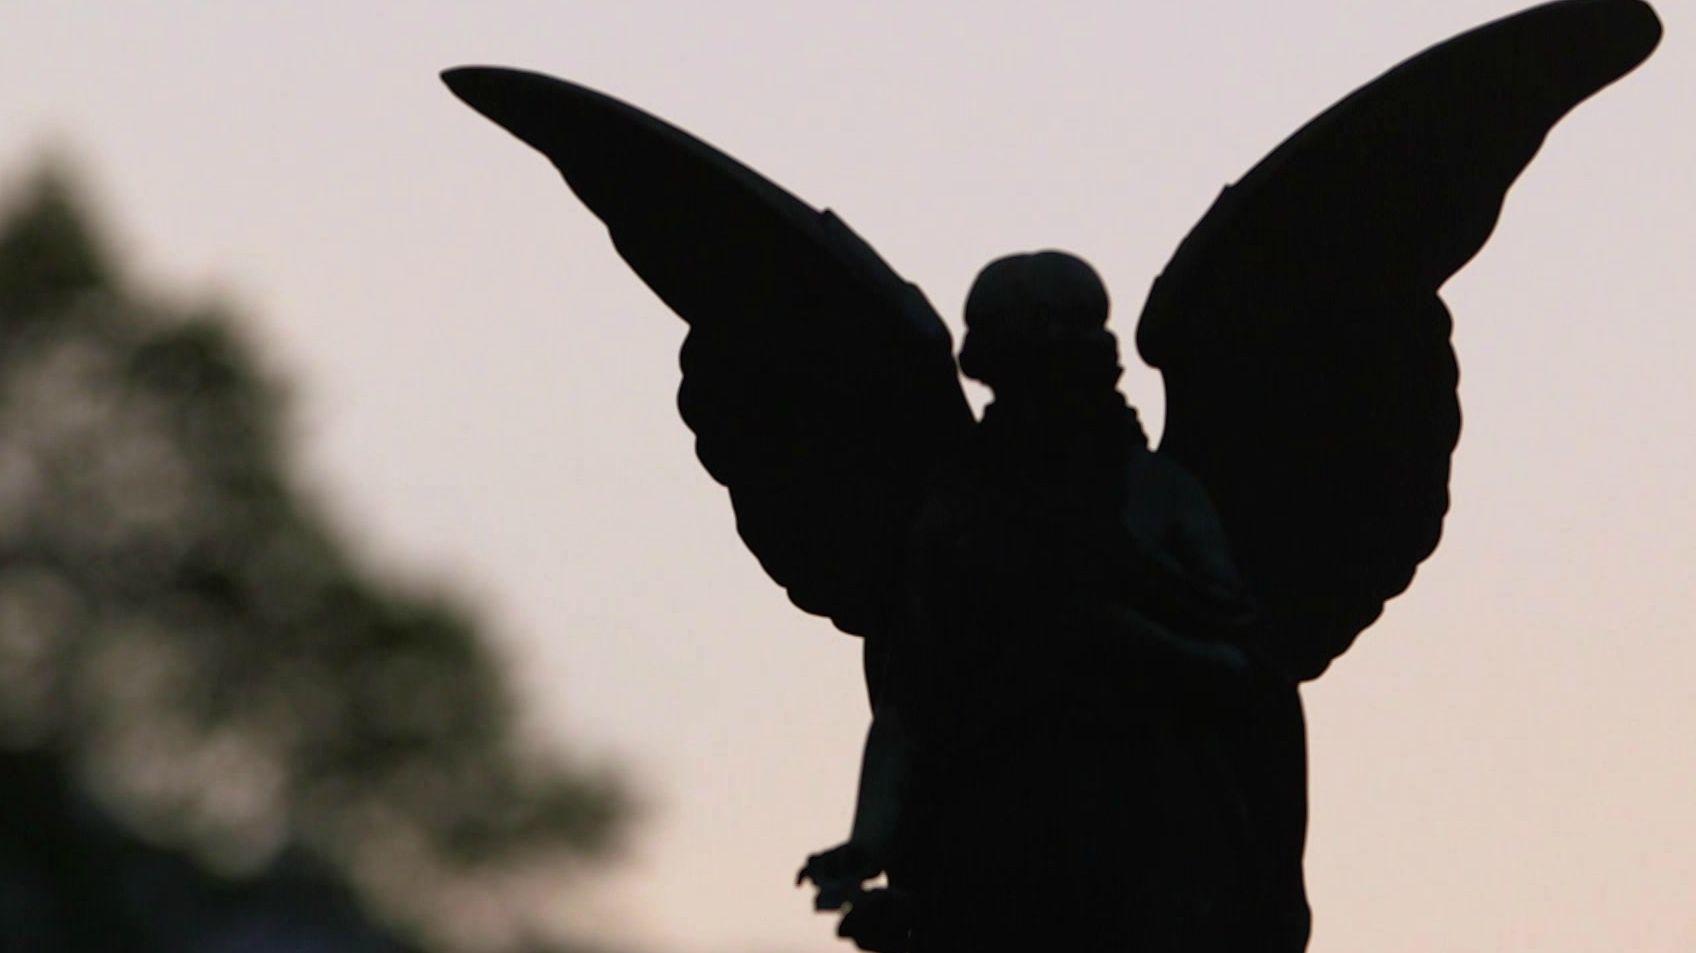 Engel auf einem Friedhof: am 1. November gehen viele Menschen auf den Friedhof und gedenken ihrer Toten.